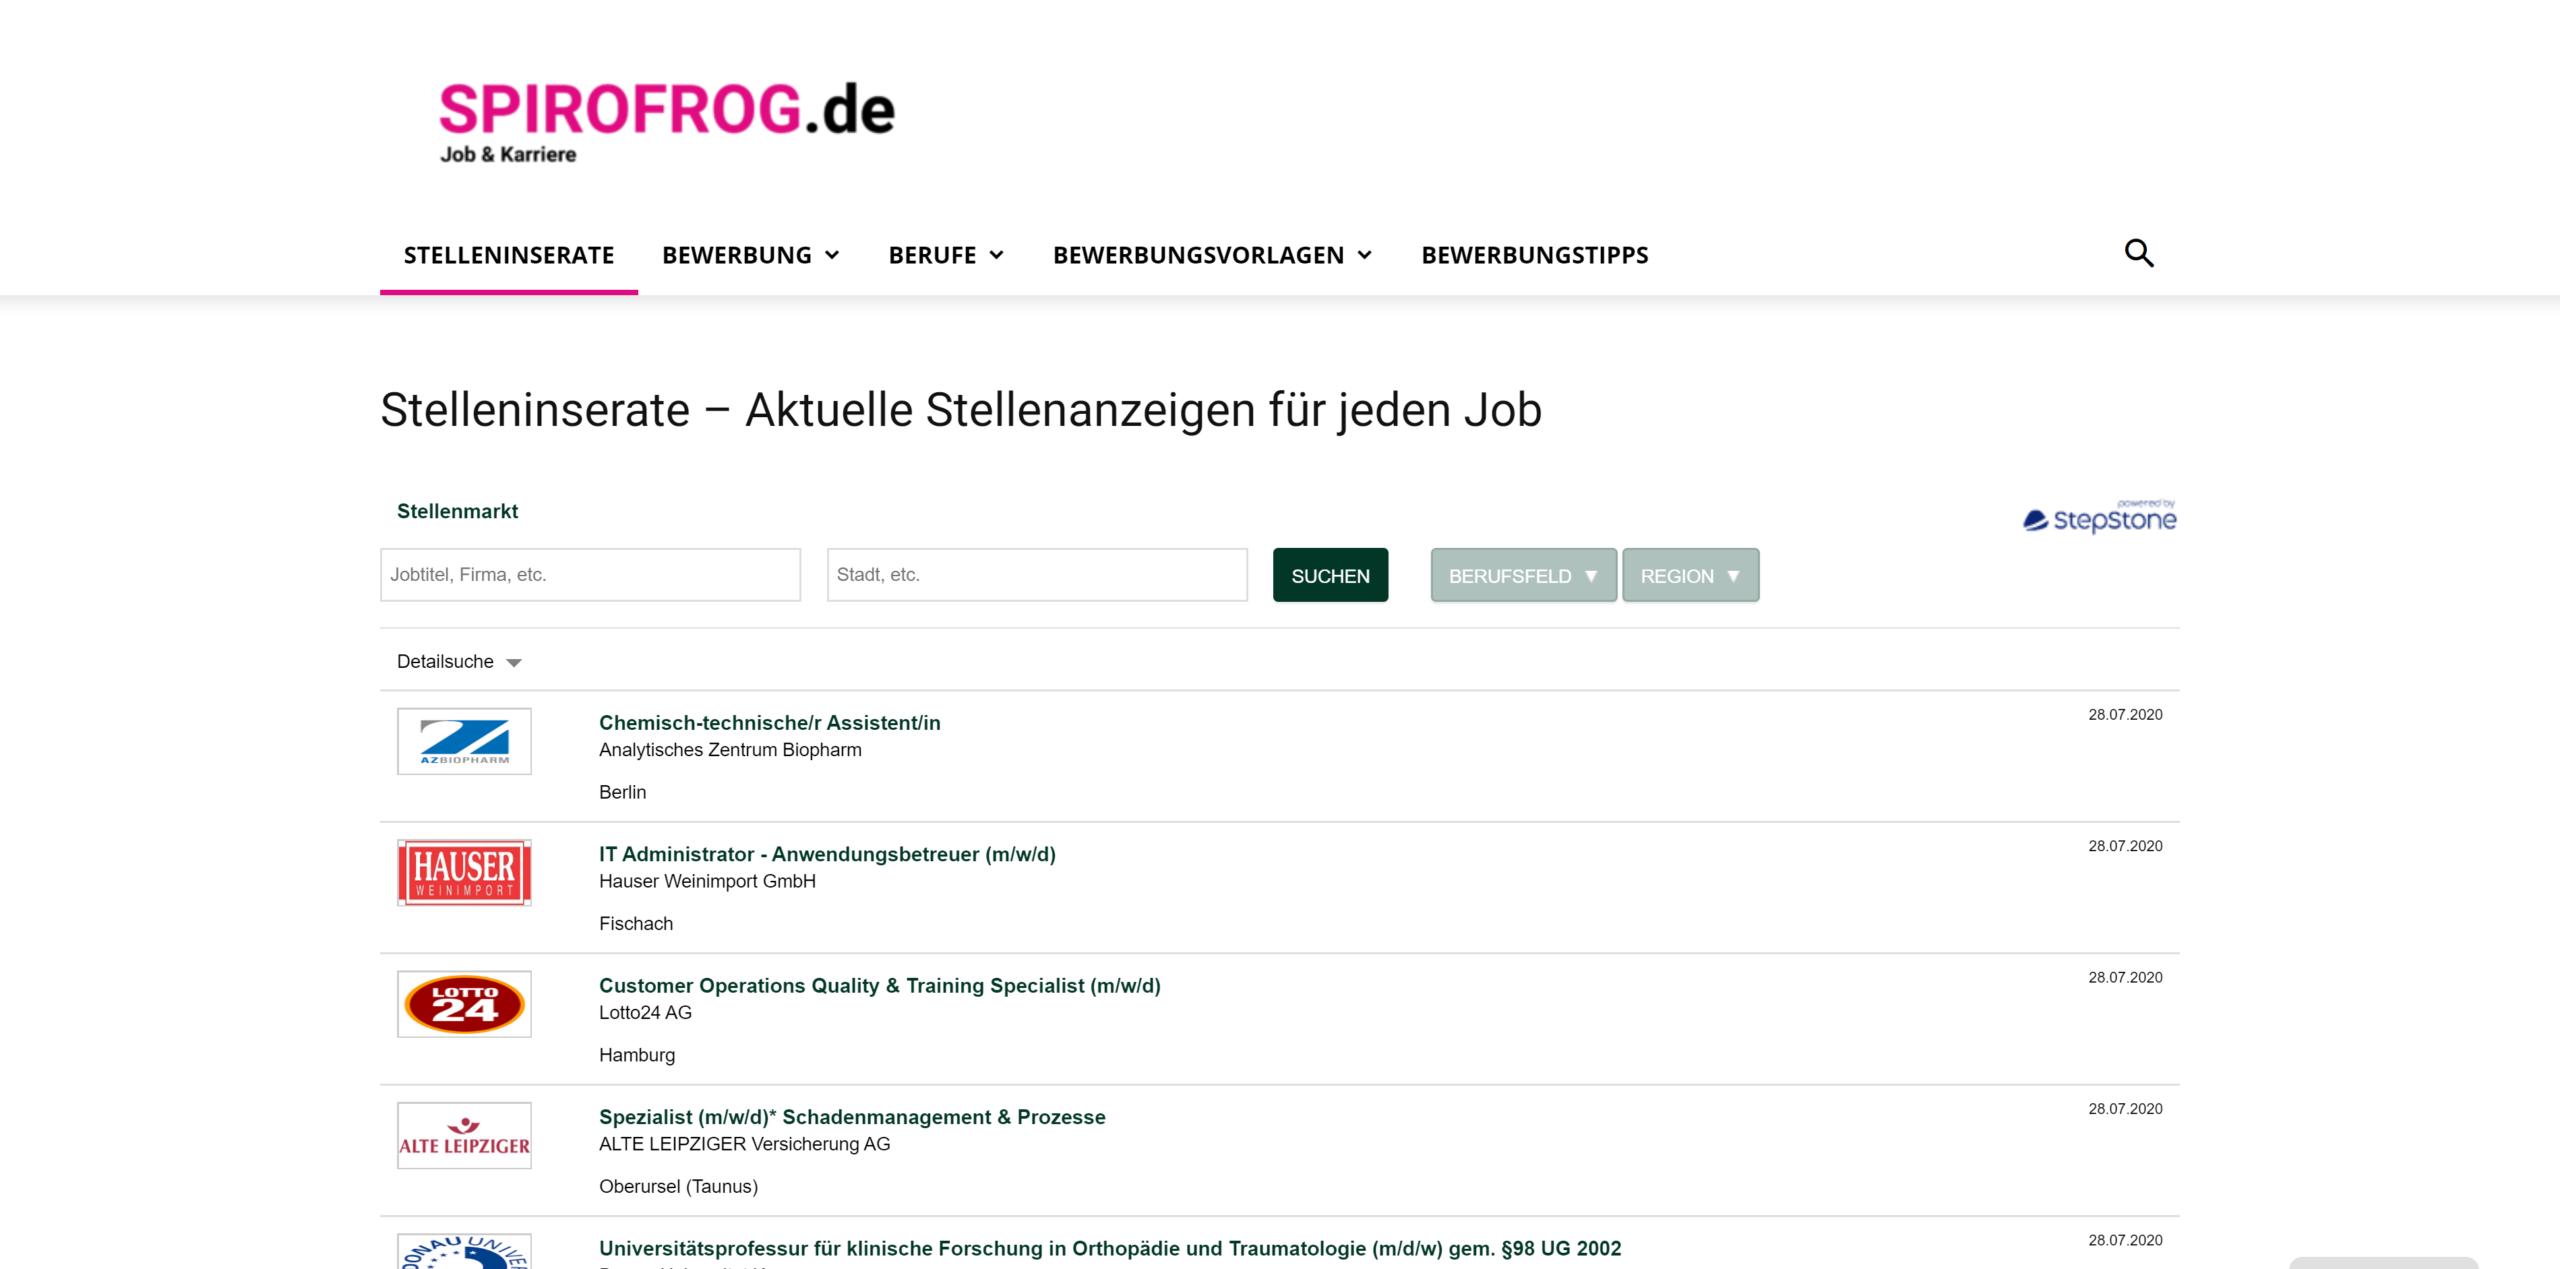 Spirofrog.de: Stelleninserate, Bewerbungsvorlagen und Karrieremagazin